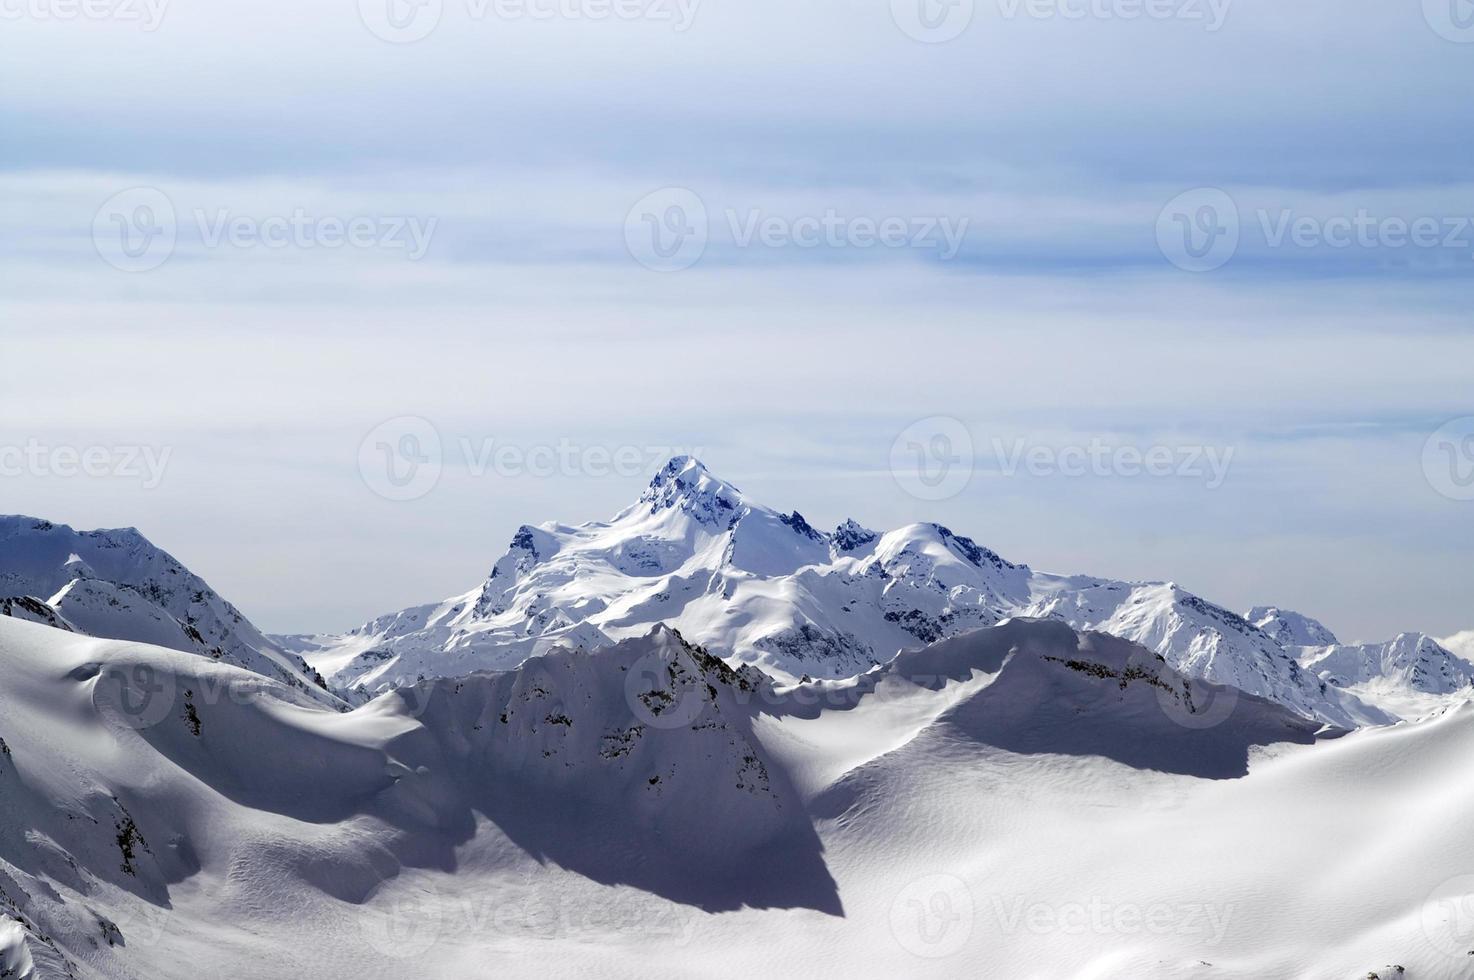 Snowy winter mountains. Caucasus Mountains photo